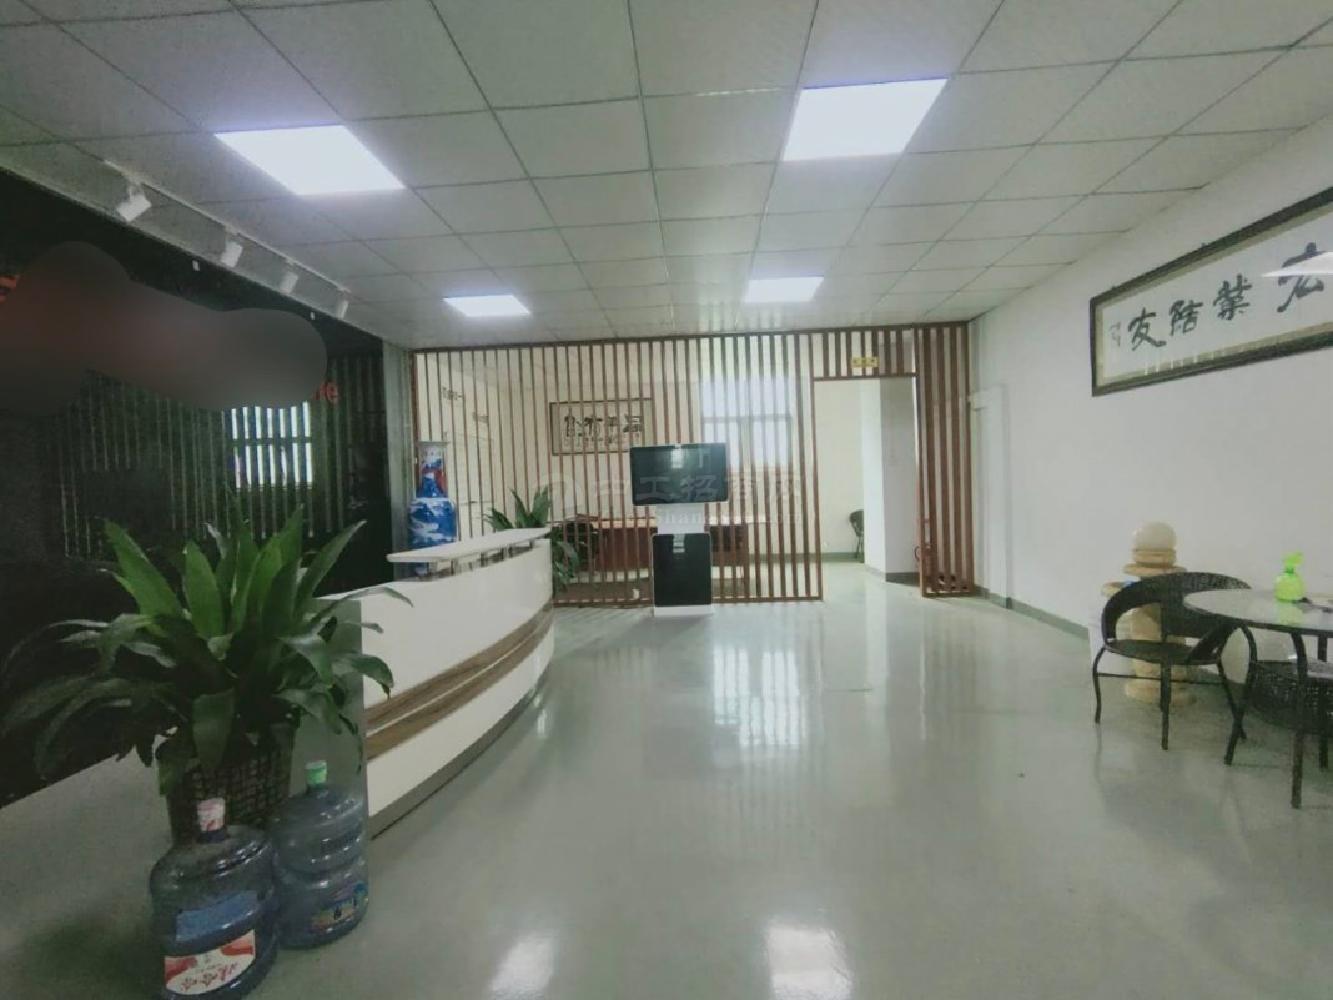 沙井沙一,新出3楼1200平精装厂房仓库,豪华装修,使用率高